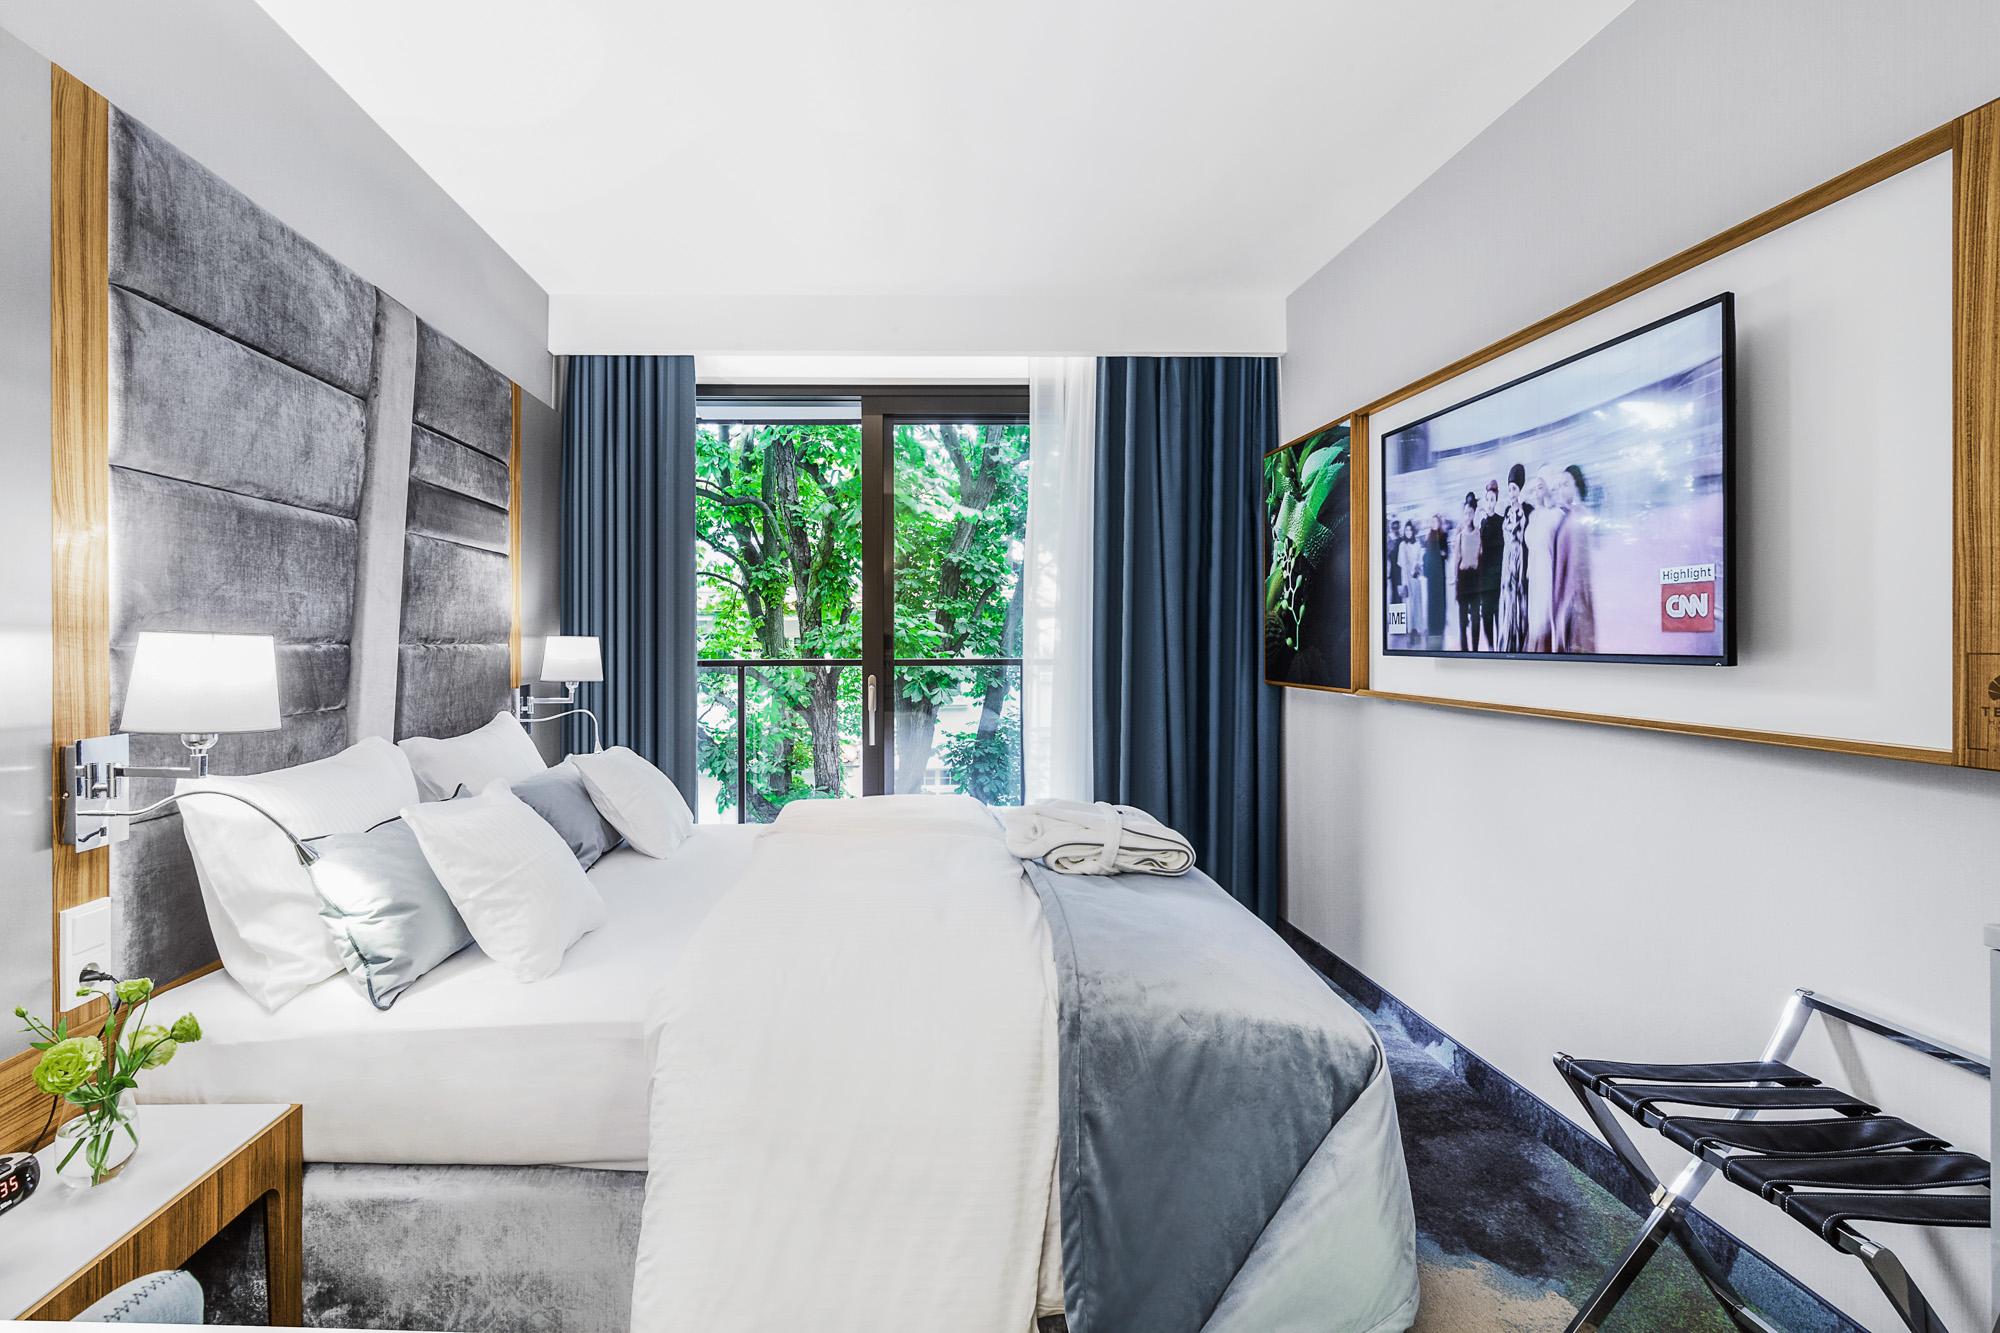 Hotel Testa - Pokój Economy